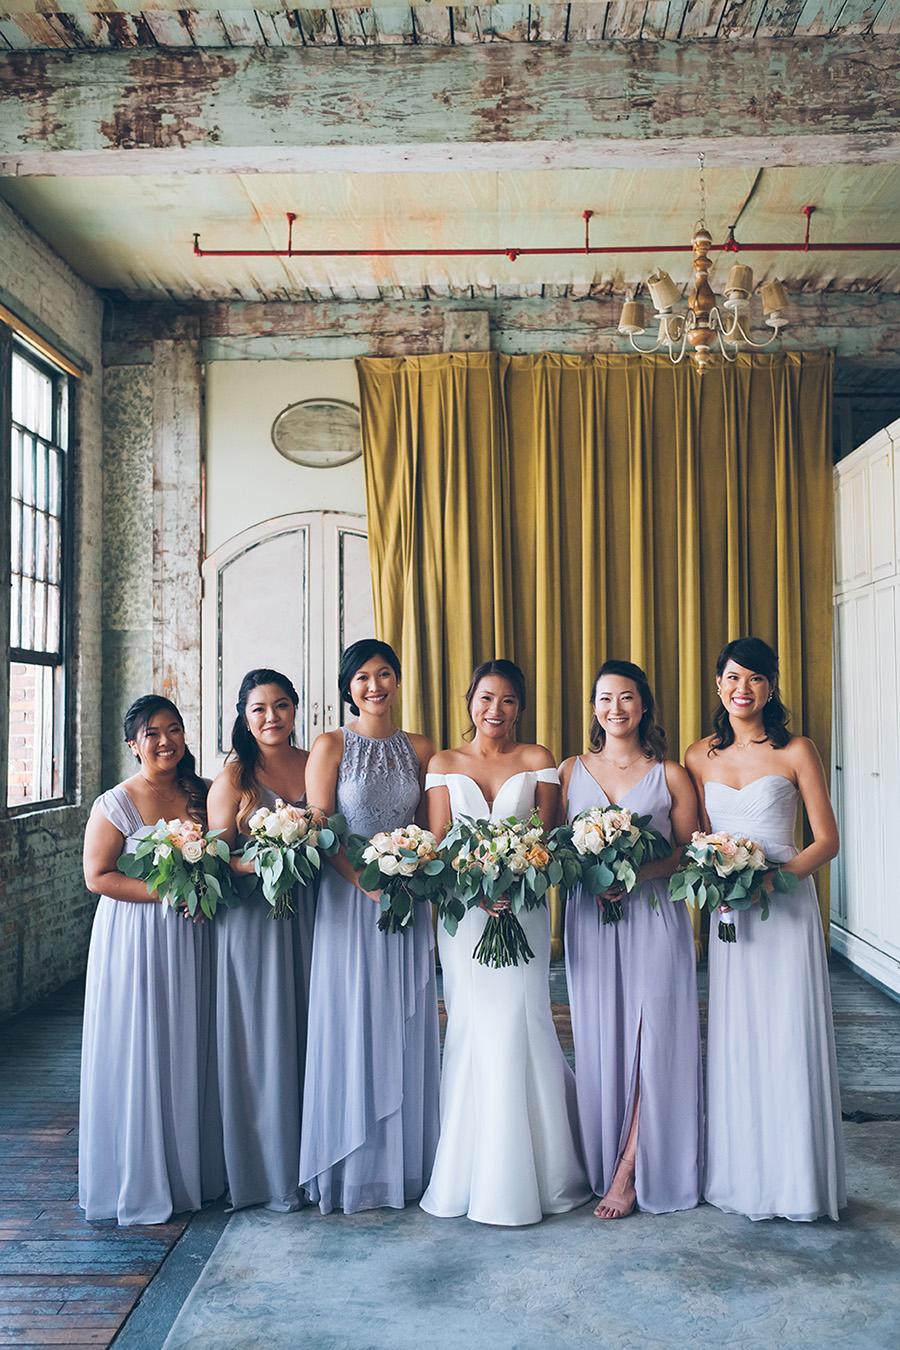 LIN-JOEY-NYC-WEDDING-METROPOLITANBUILDING-BRIDALPARTY-CYNTHIACHUNG-0032.jpg